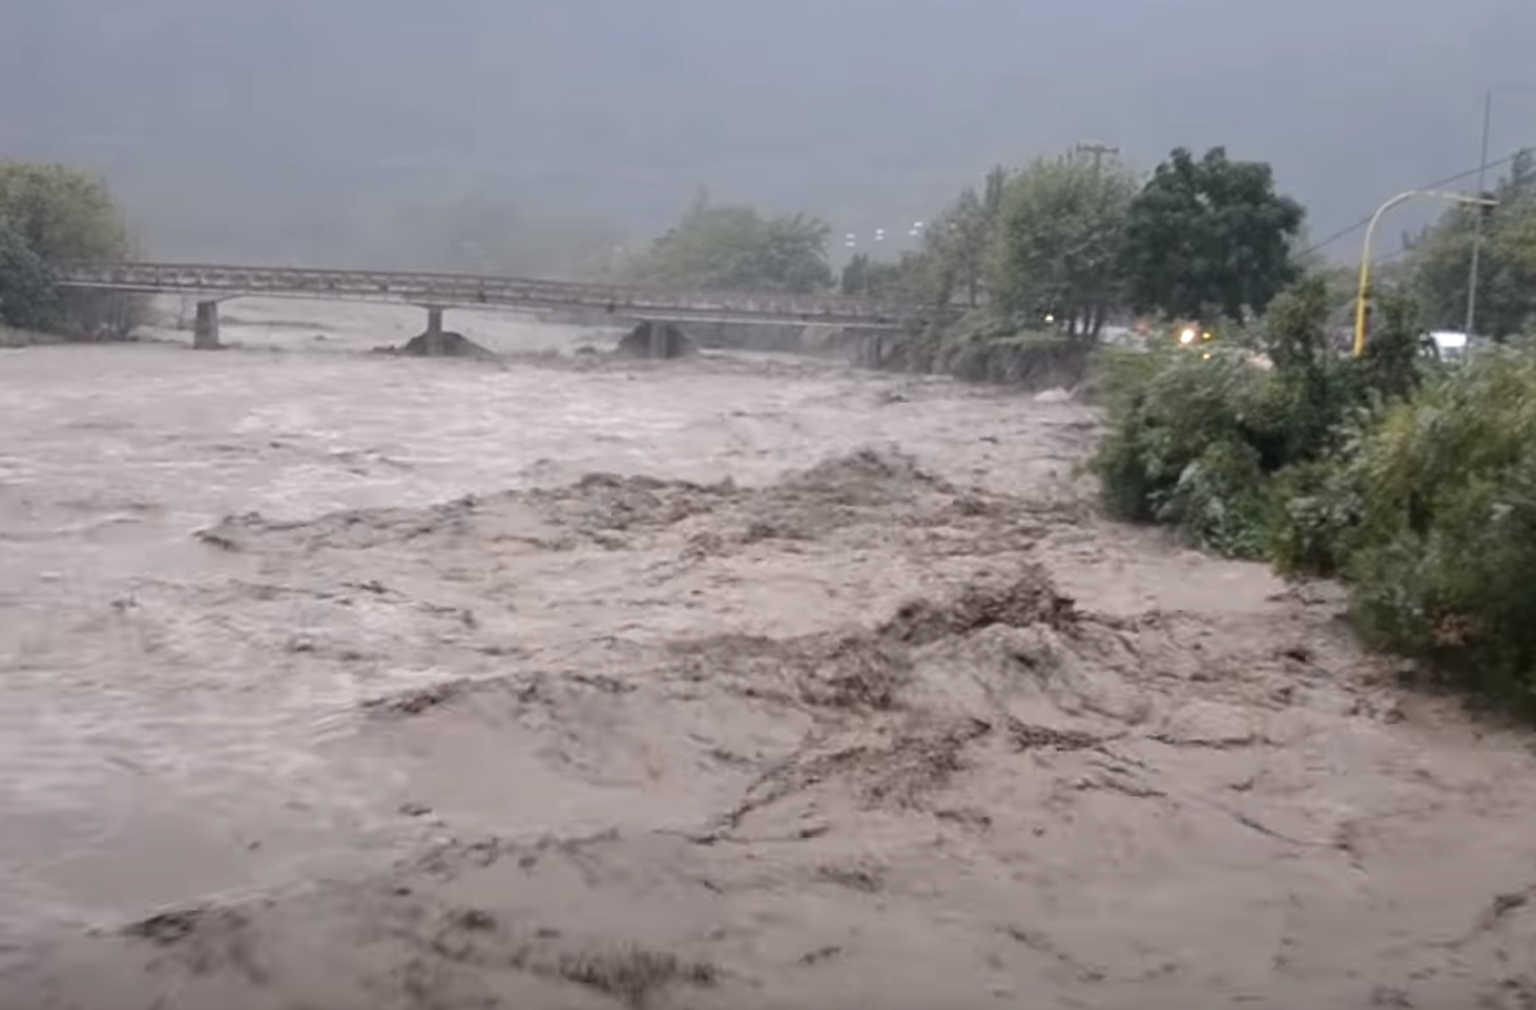 Ιανός: Δύο αγνοούμενοι στην Καρδίτσα -Νεκρή γυναίκα στα Φάρσαλα  – Έπεσε γέφυρα στο Μουζάκι (Εικόνες βίντεο)